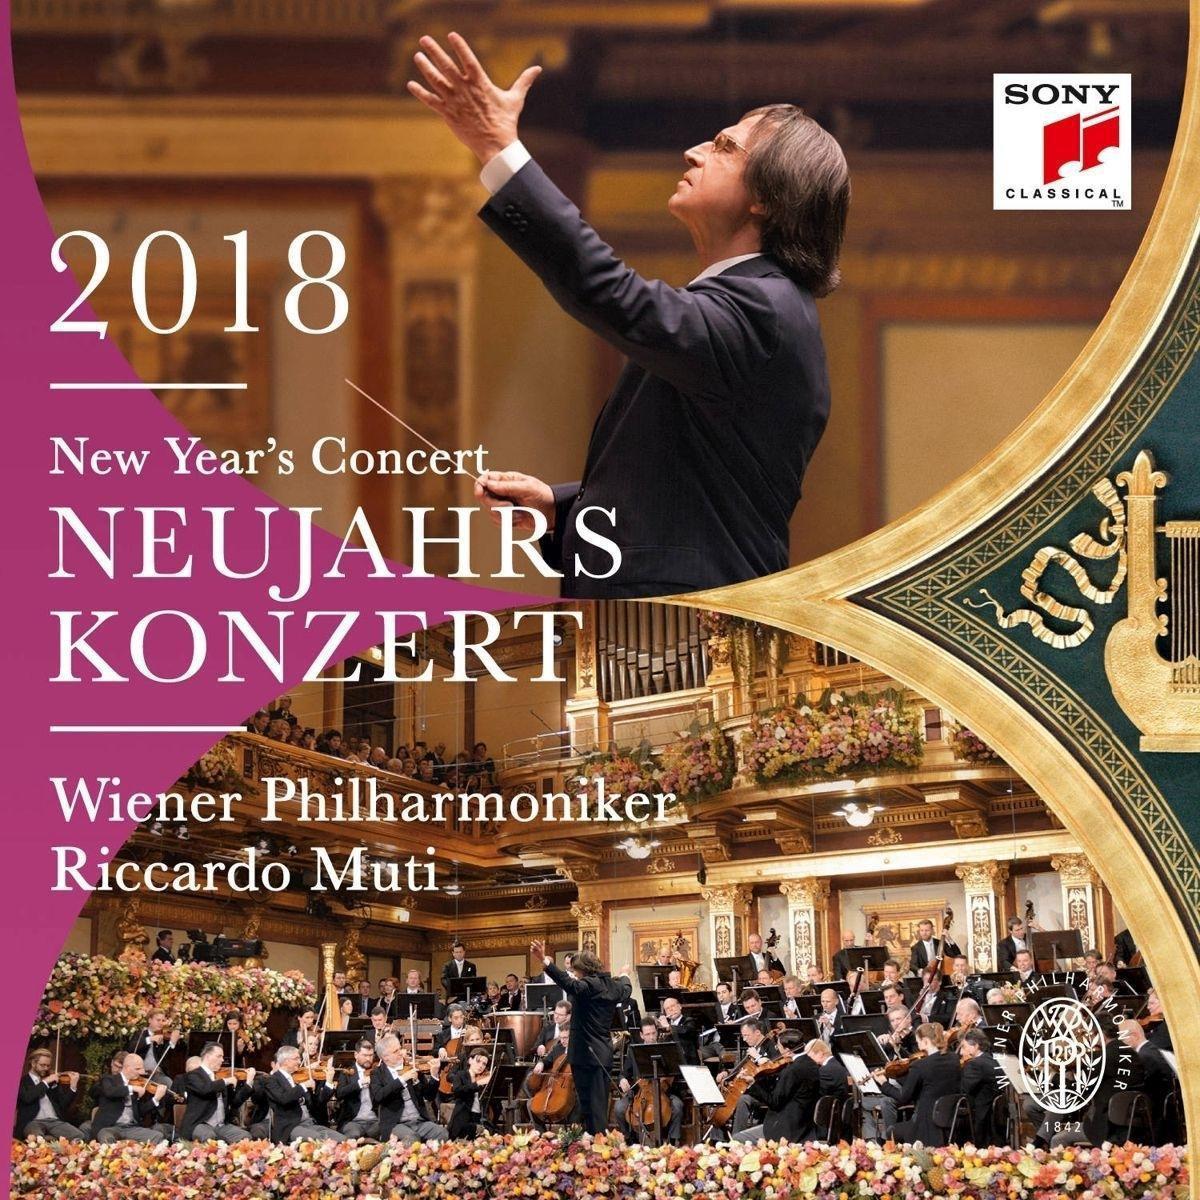 Neujahrskonzert 2018 / New Year's Concert 2018 - Riccardo Muti